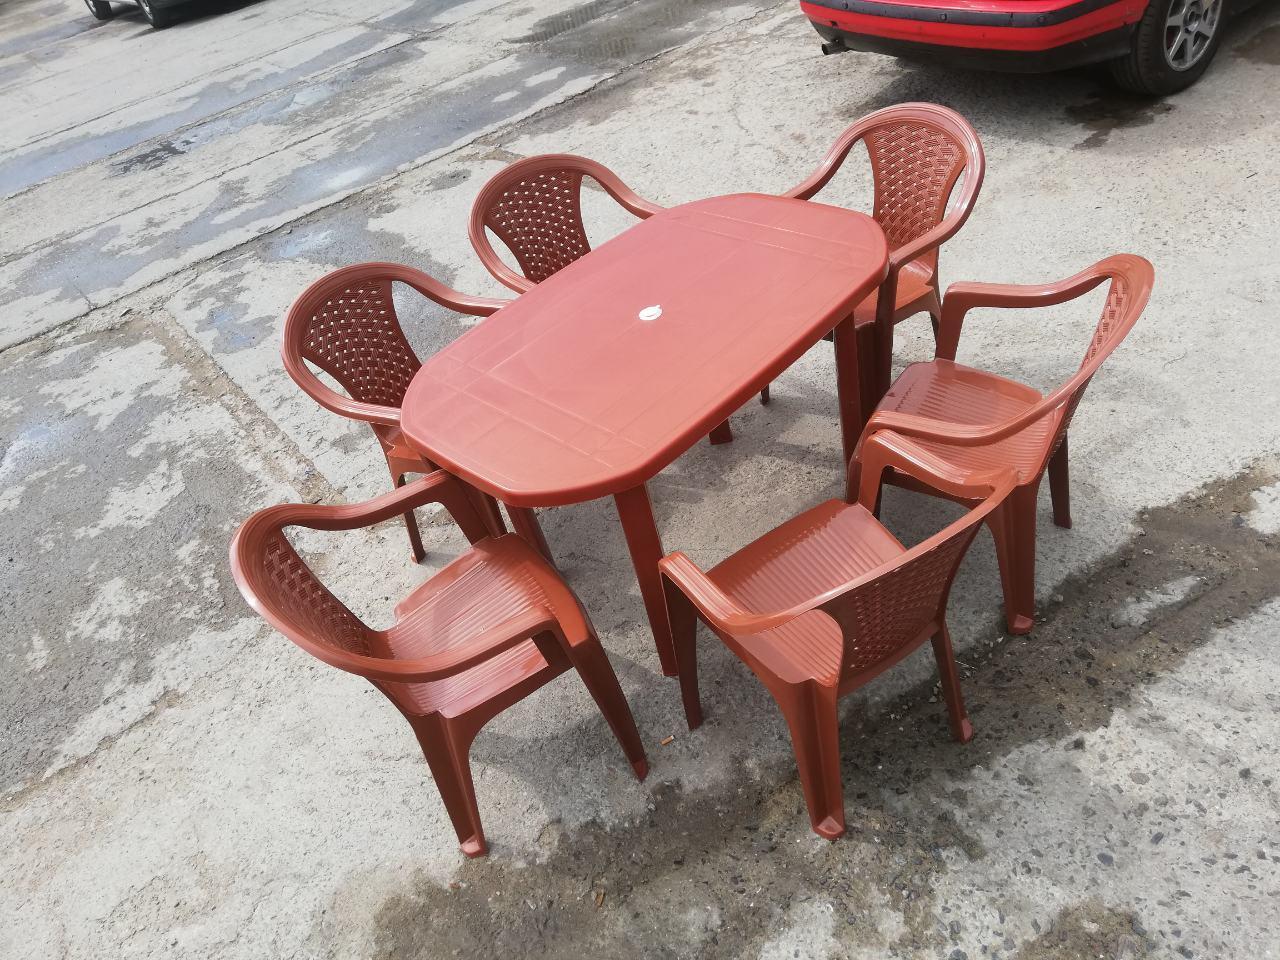 Новинка! Комплект садовой мебели! Стол большой + 6 кресел!